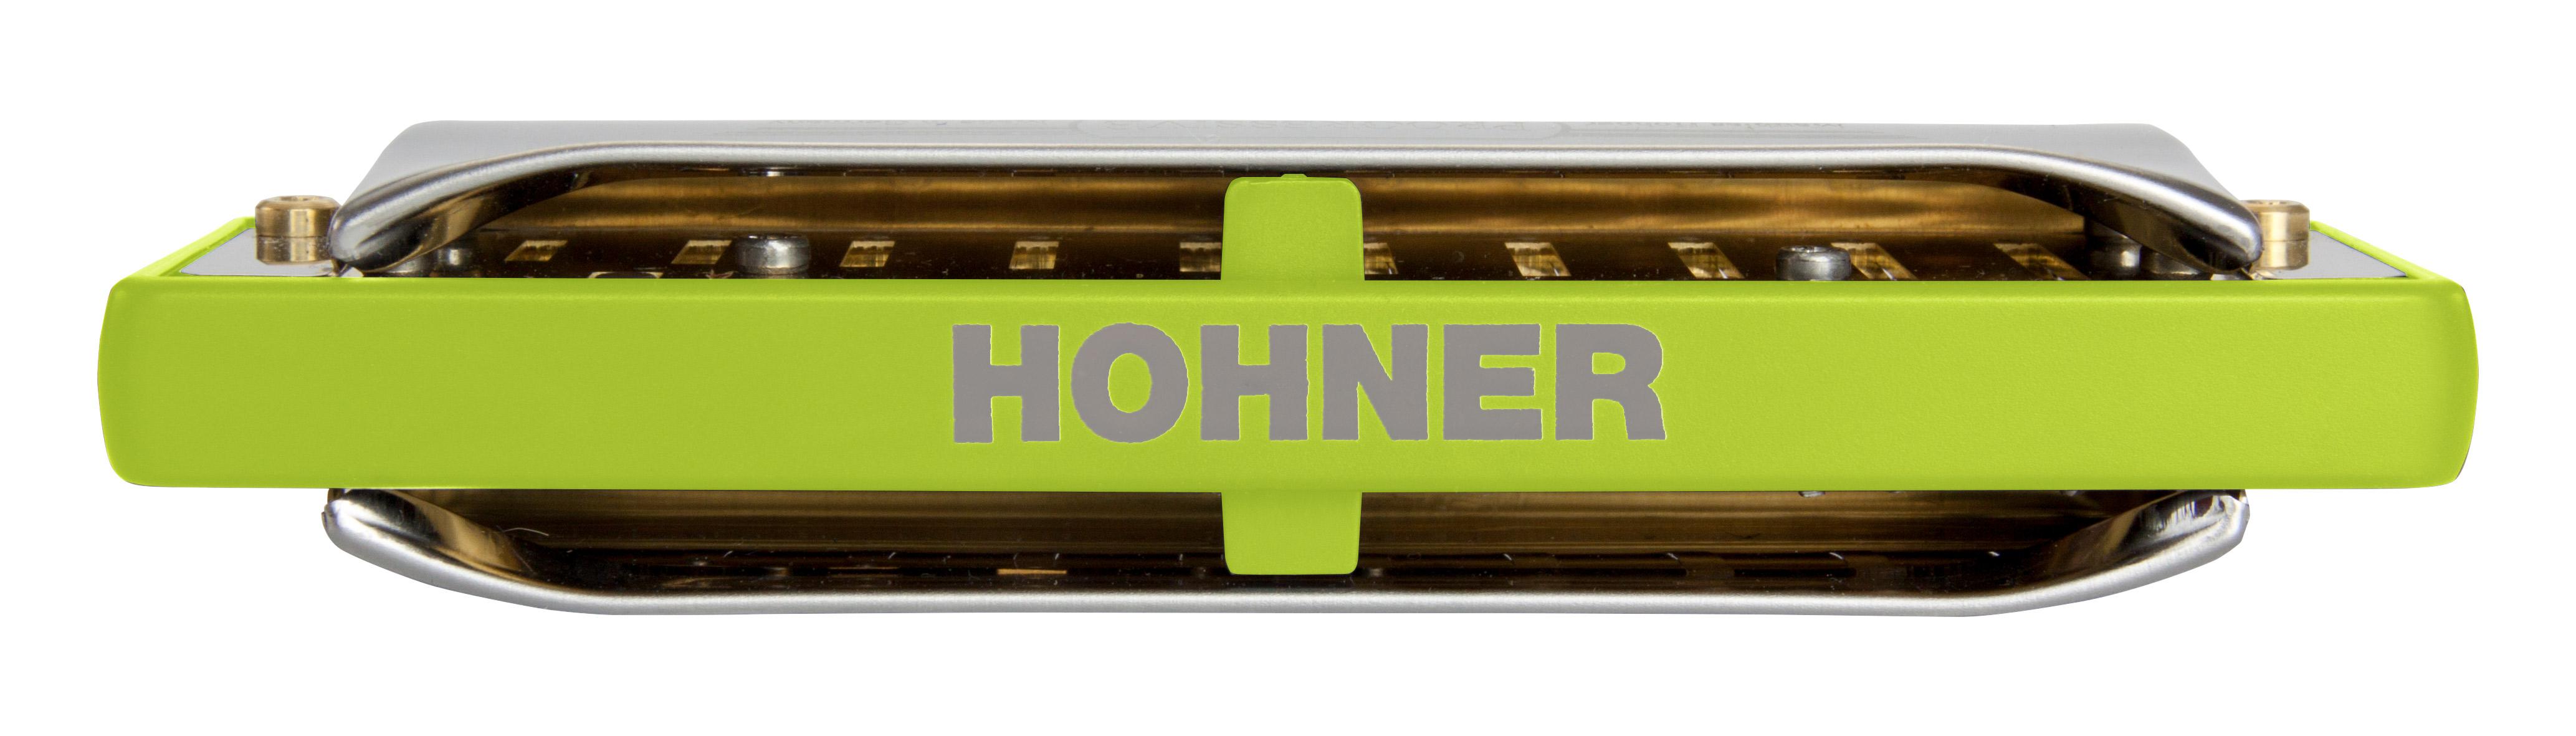 Hohner Rocket Amp A-major